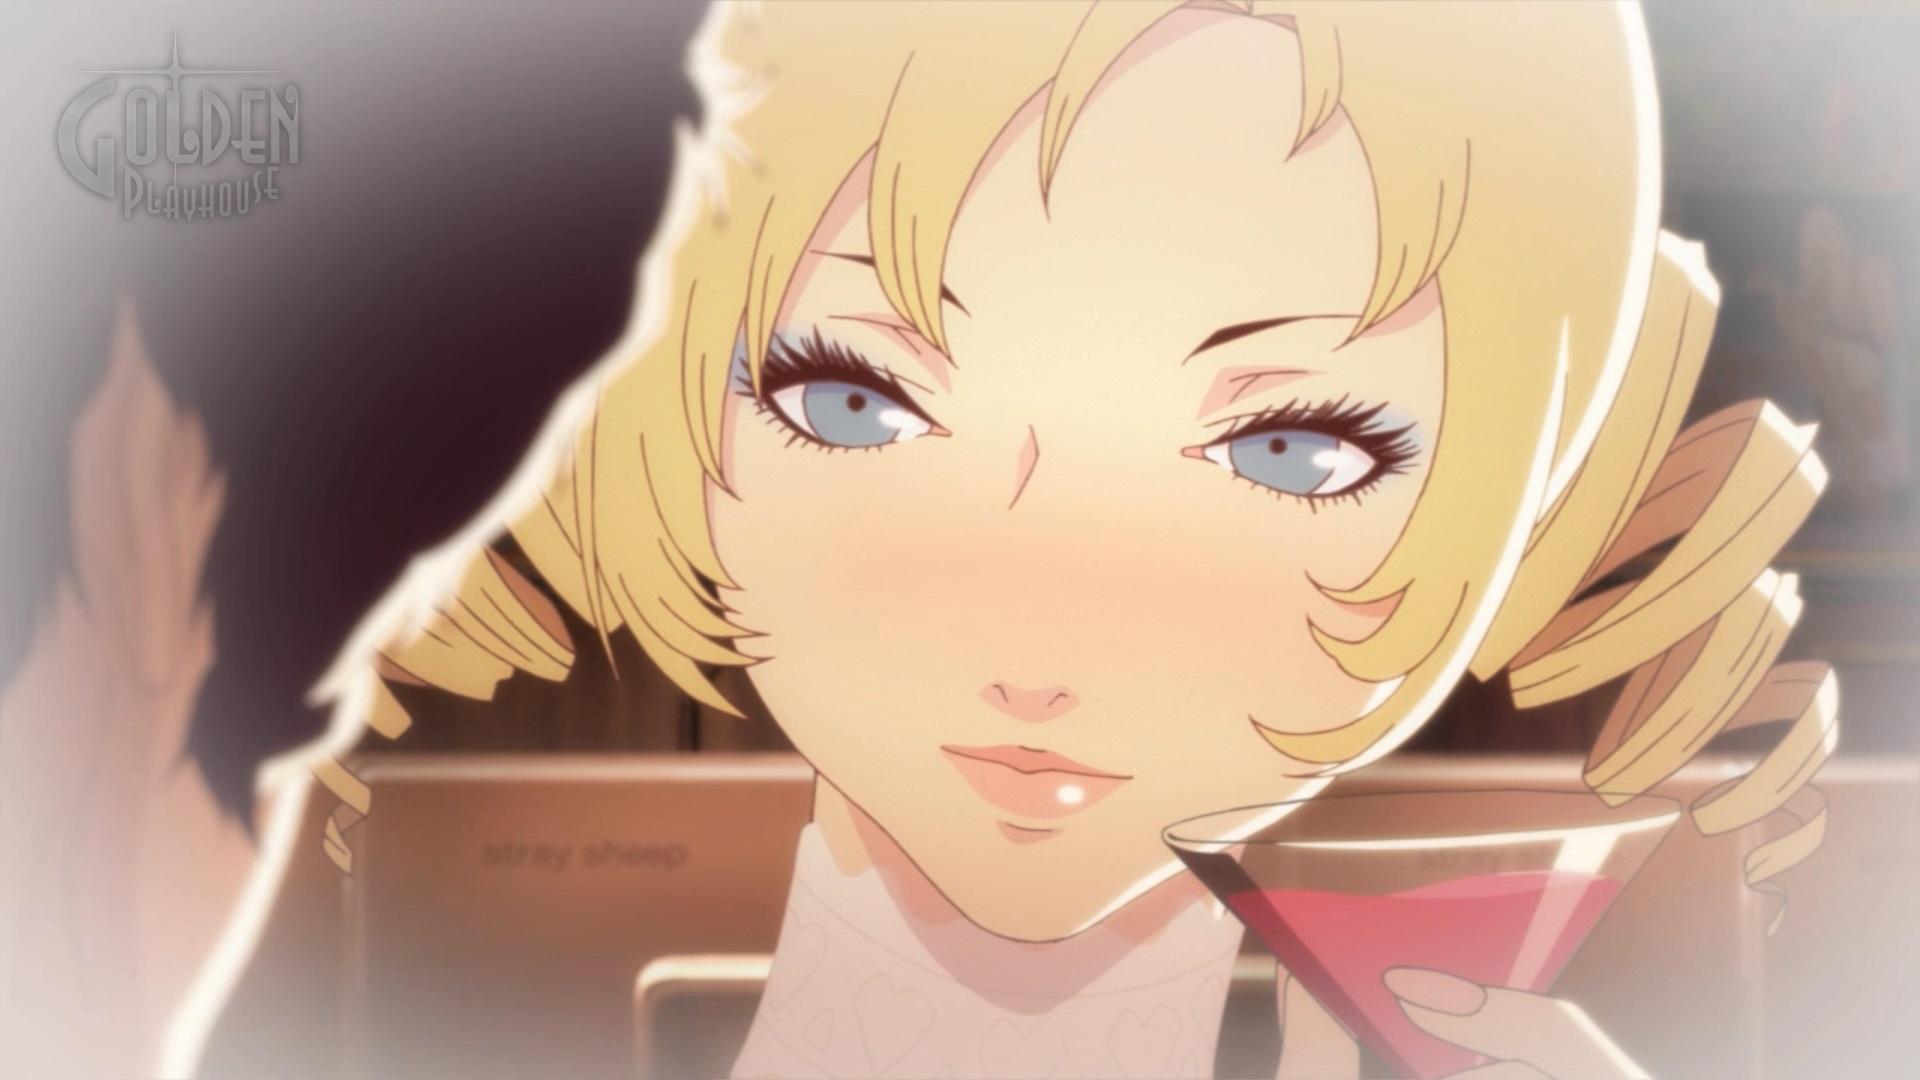 《凯瑟琳》上架Steam后获特别好评 这游戏真香玩家喜欢